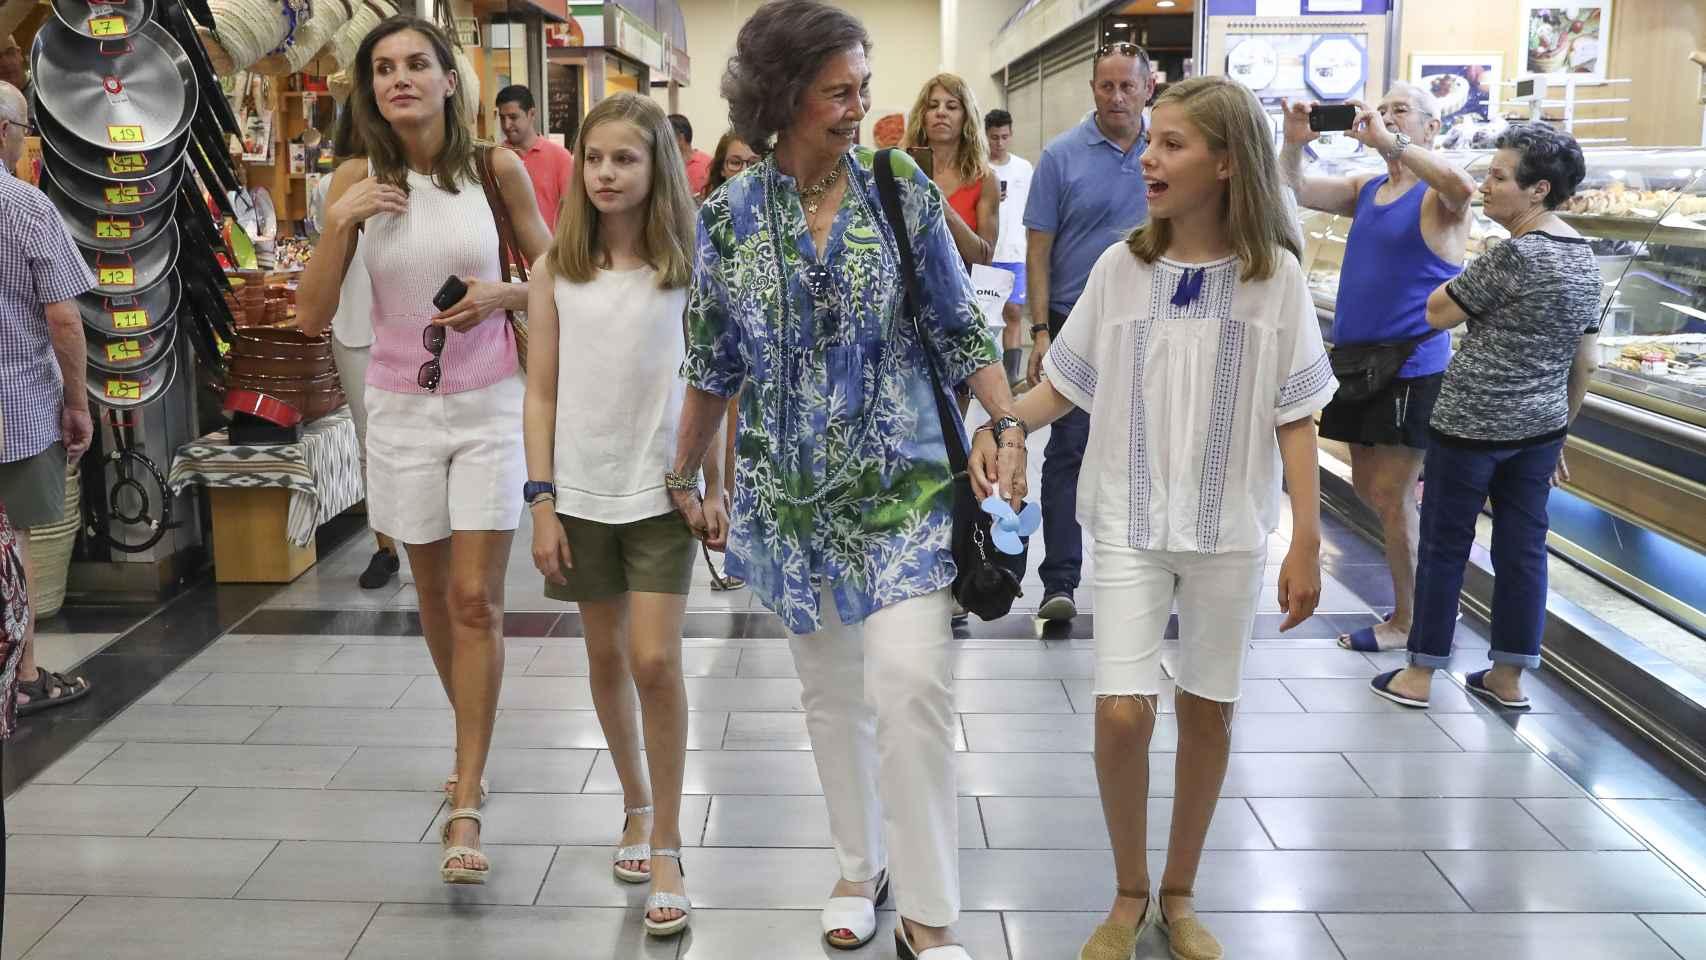 Día de chicas de la reina Sofía, Letizia, la princesa Leonor y la infanta Sofía